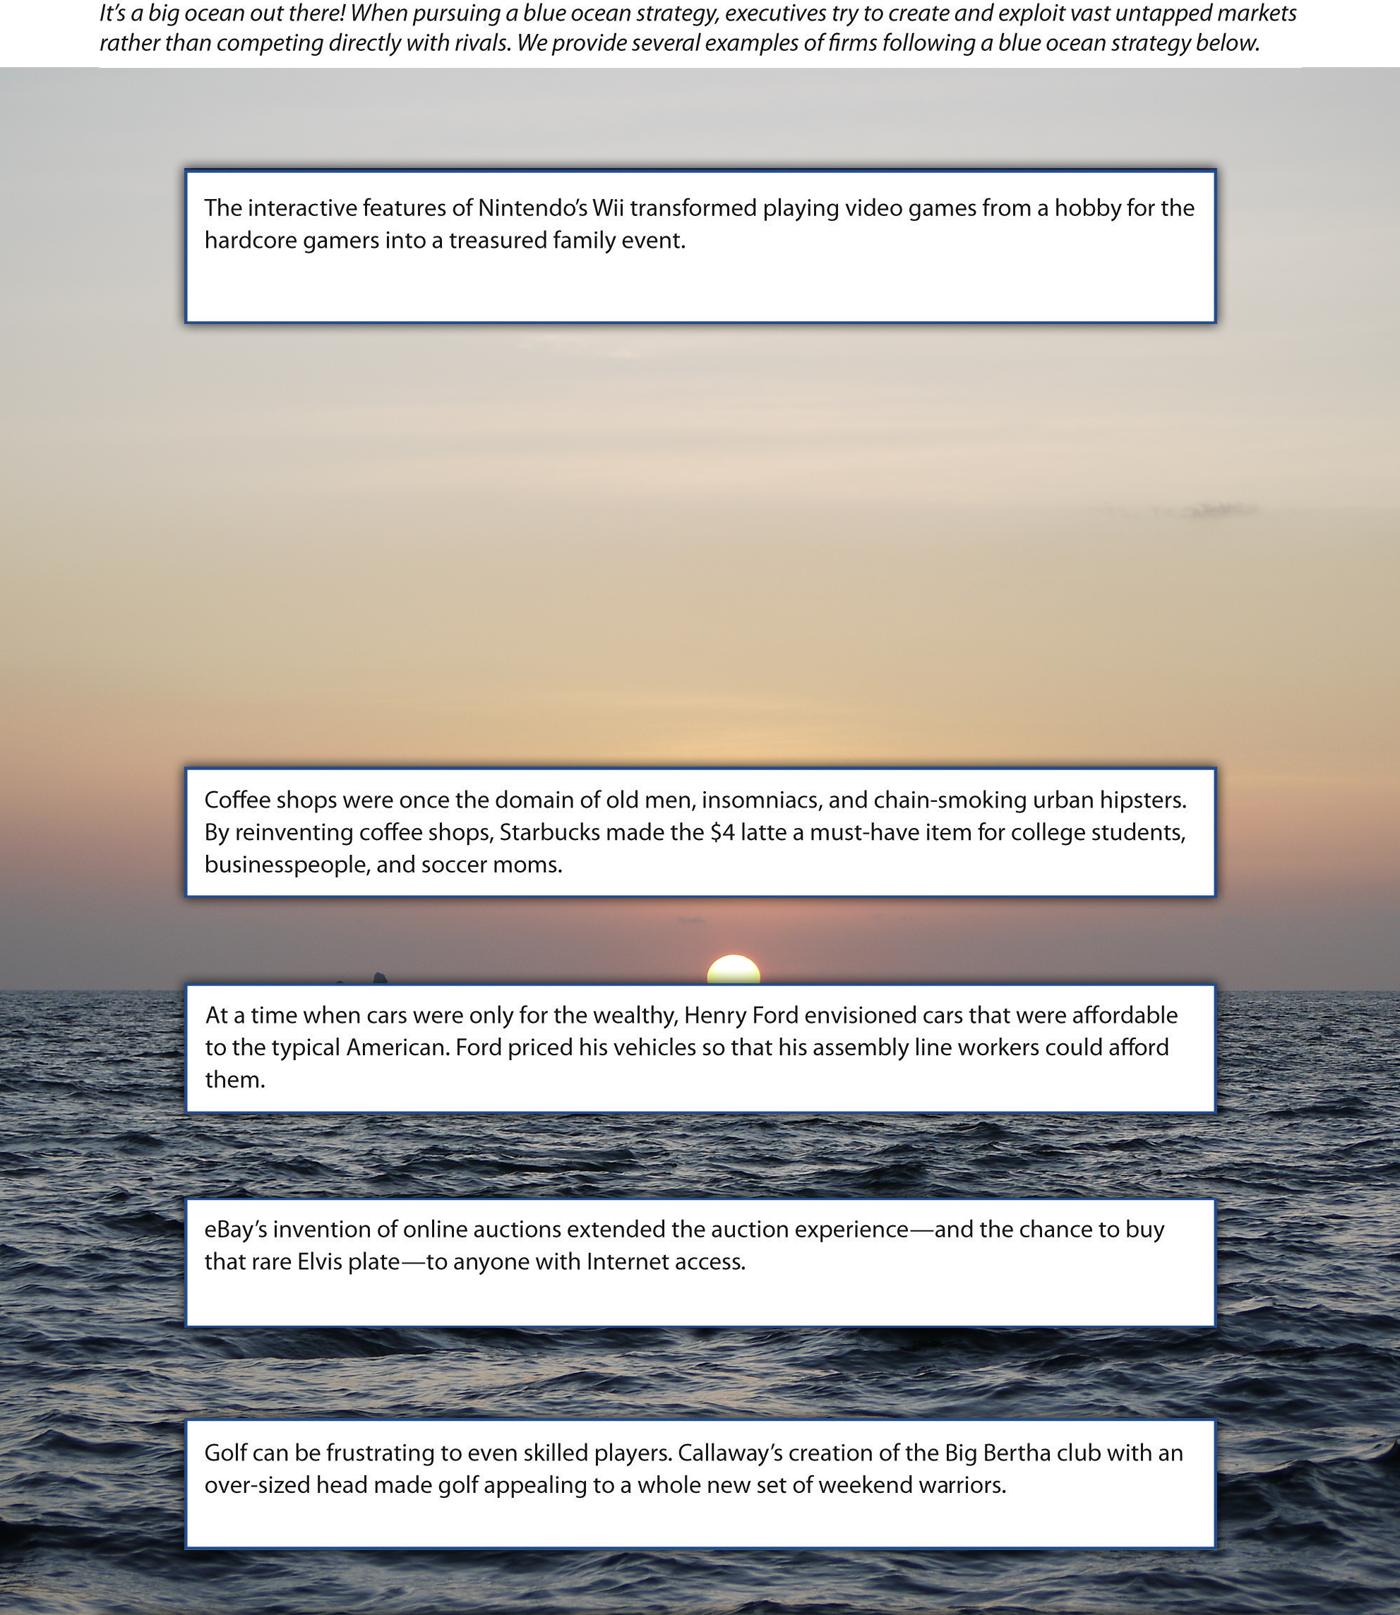 Figure 6-6: Blue Ocean Strategy, image description available